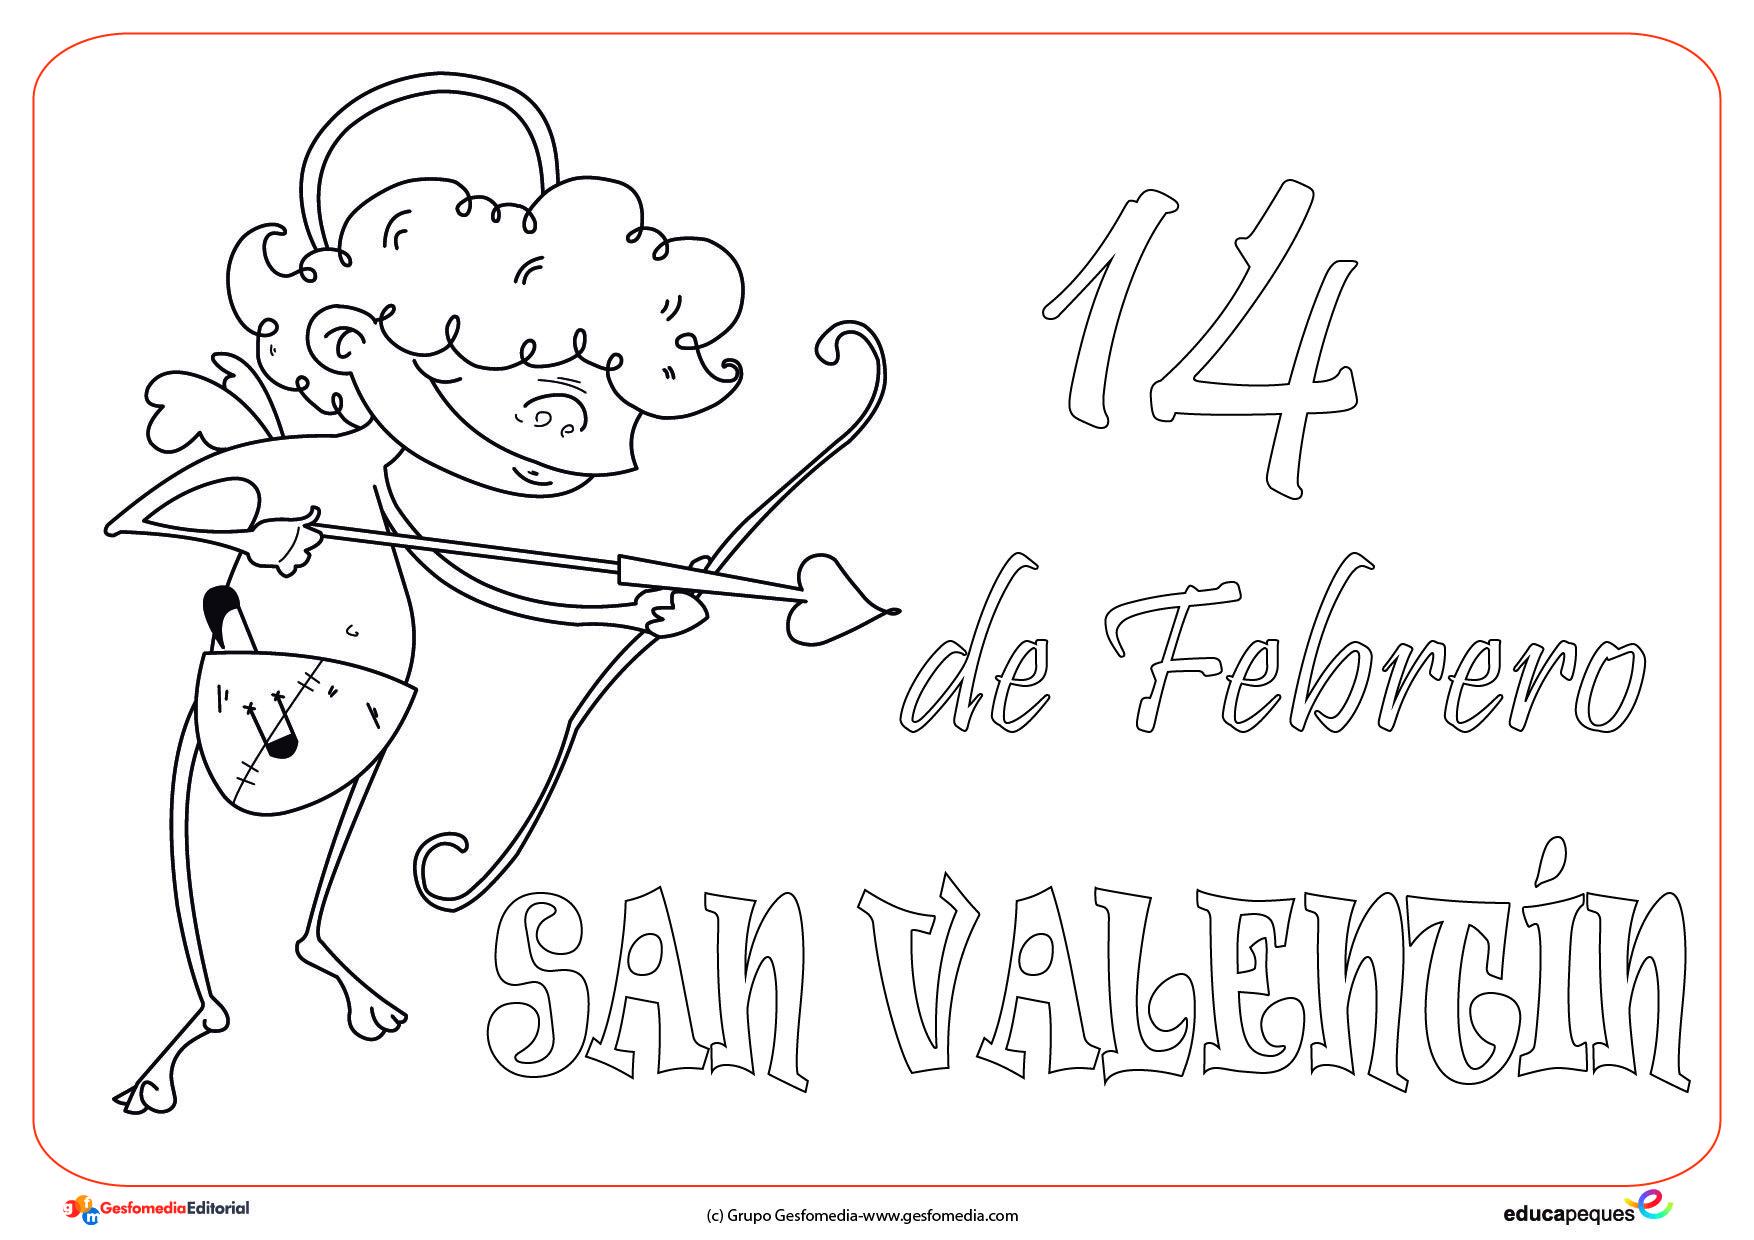 34 Imágenes Felíz Día de San Valentín para imprimir y colorear con ...